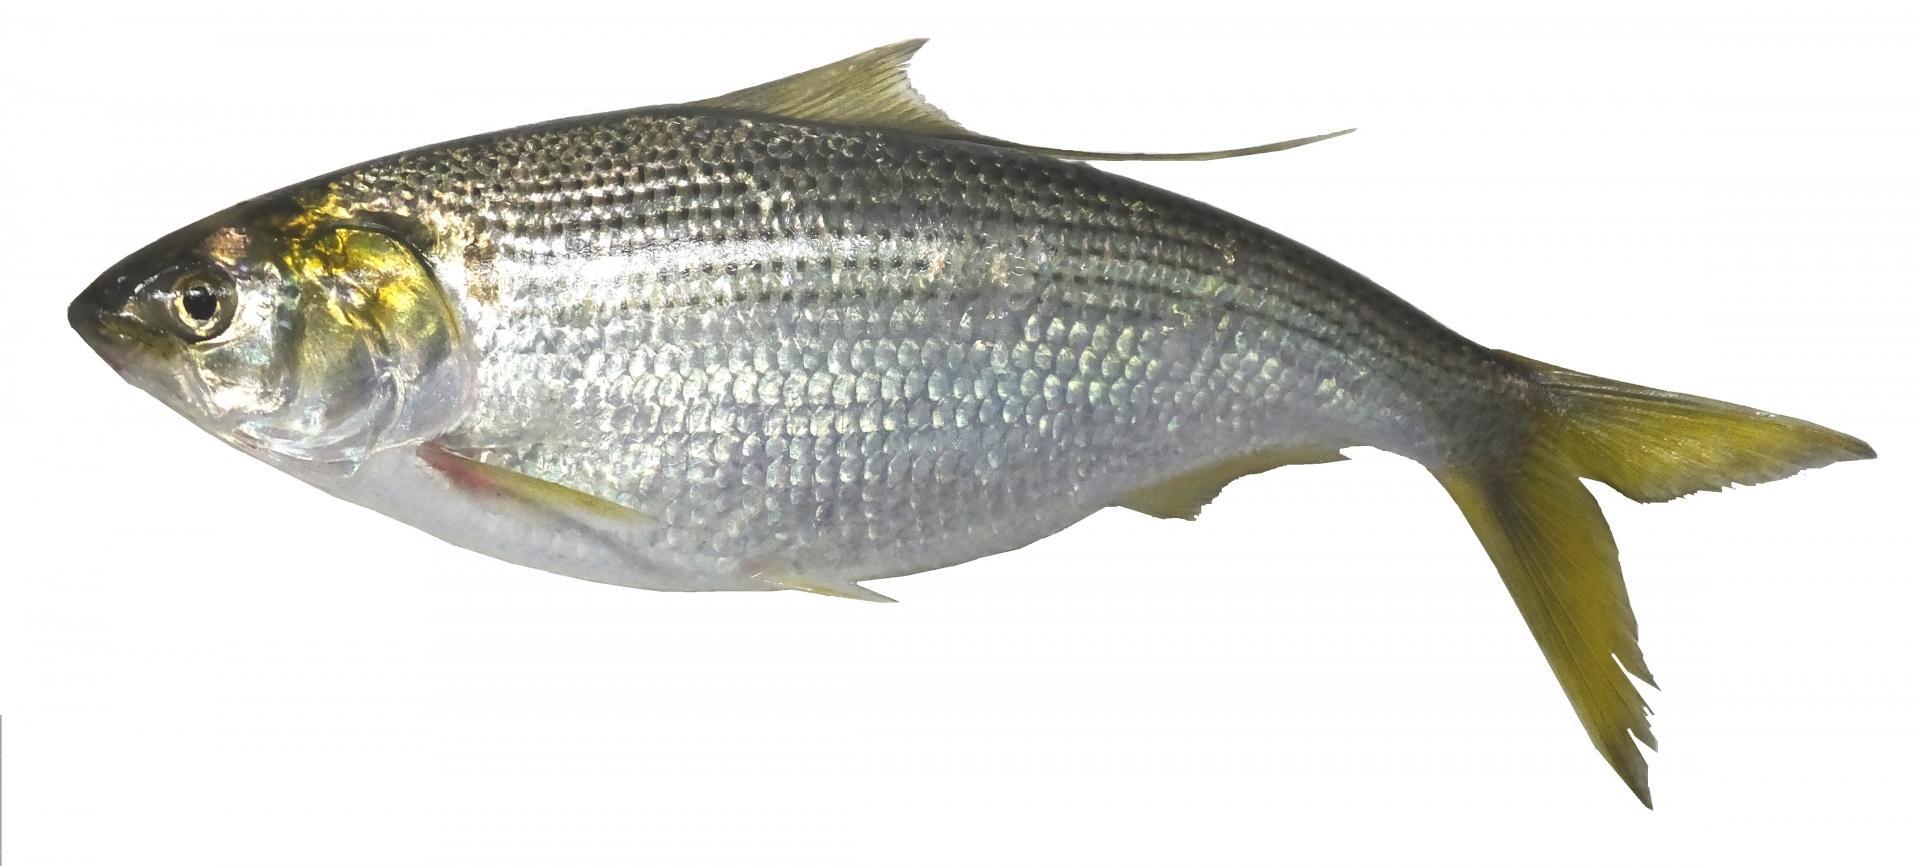 魚へんに 祭 でなんと読む 鰶 の正しい読み方 由来をご紹介 魚へんの漢字辞典 釣りラボマガジン